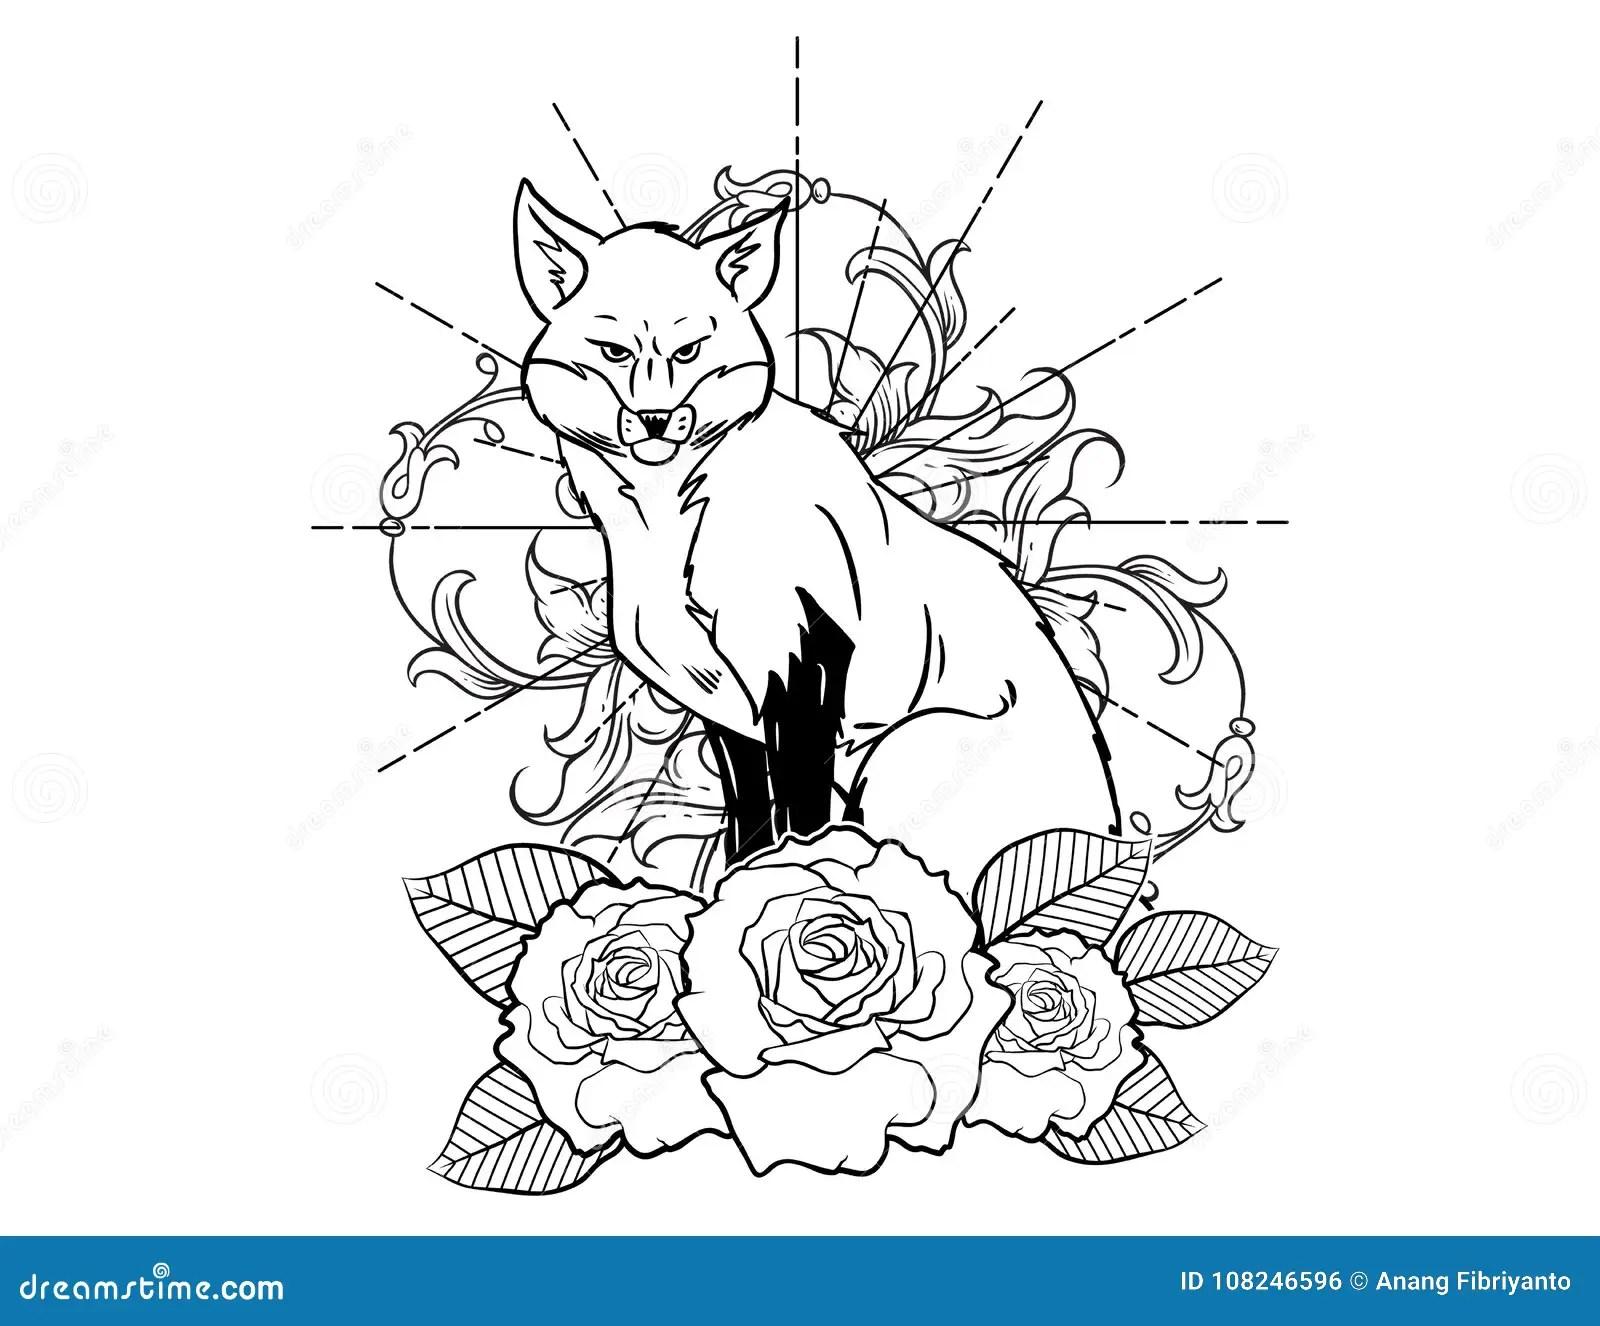 Bosquejo Del Tatuaje Del Fox Con Bosquejo Blanco Y Negro Del Tatuaje